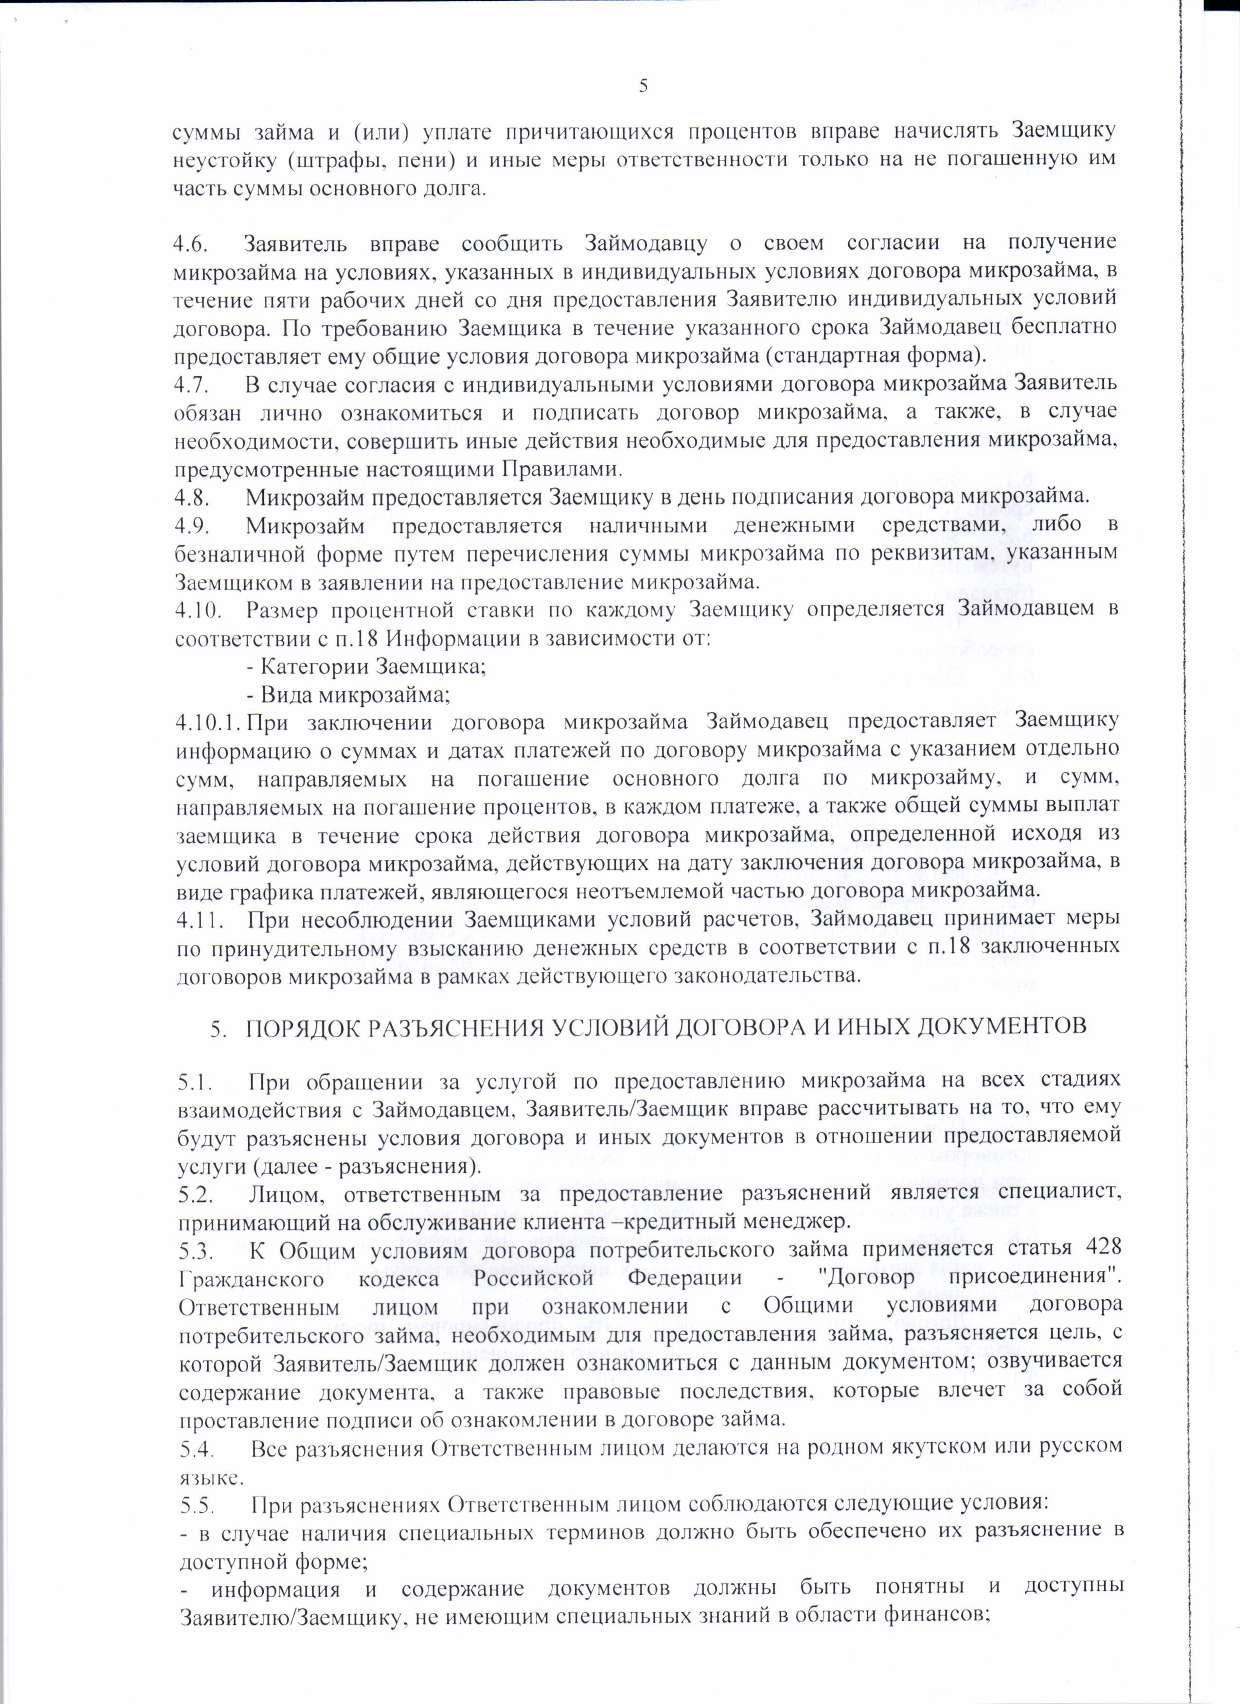 Правила предоставления микрозаймов стр5